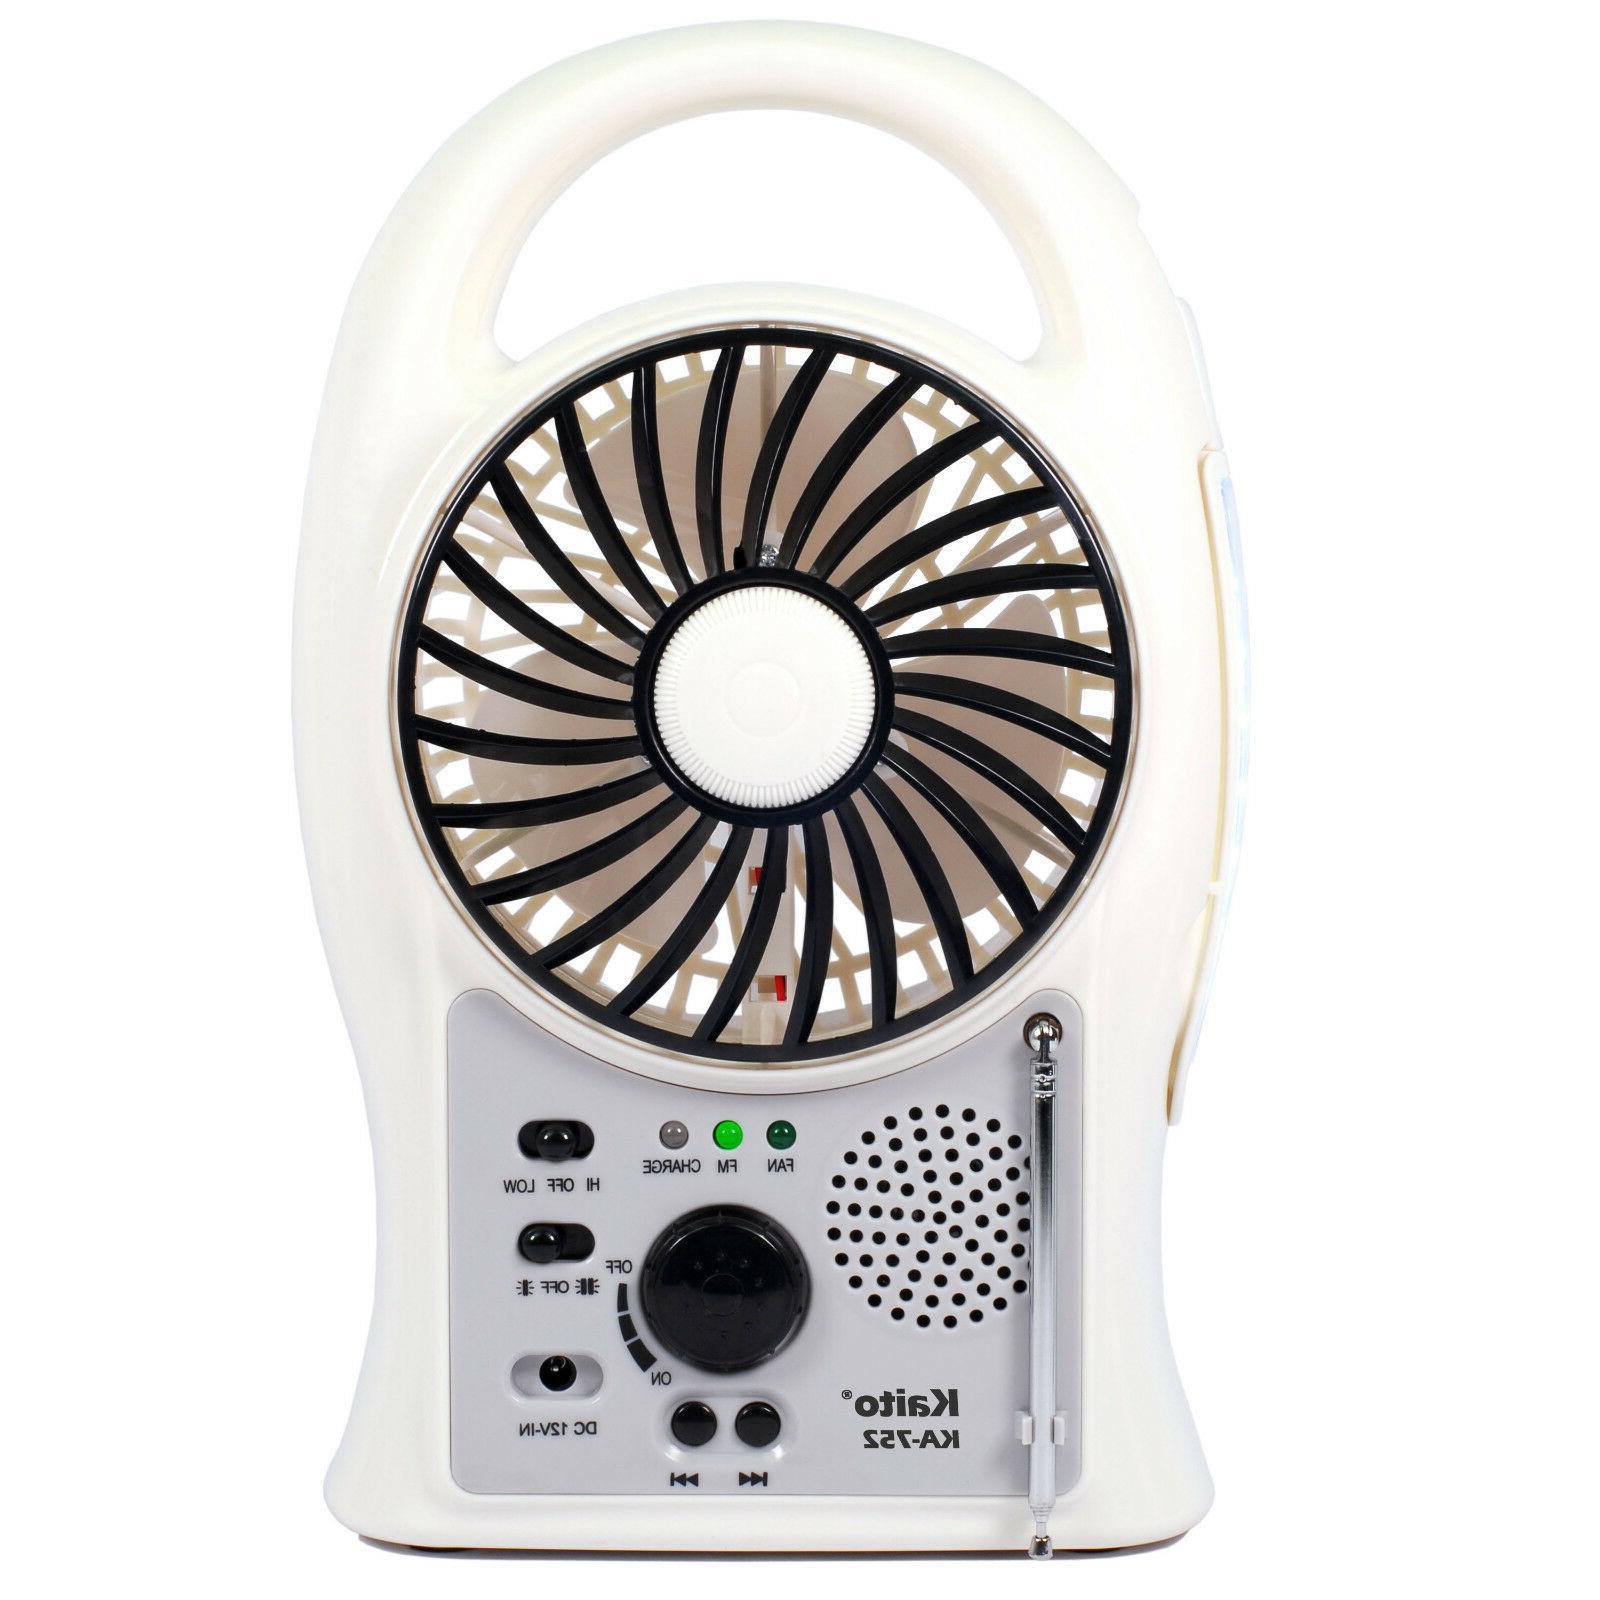 ka752 portable rechargeable 5 inch fan